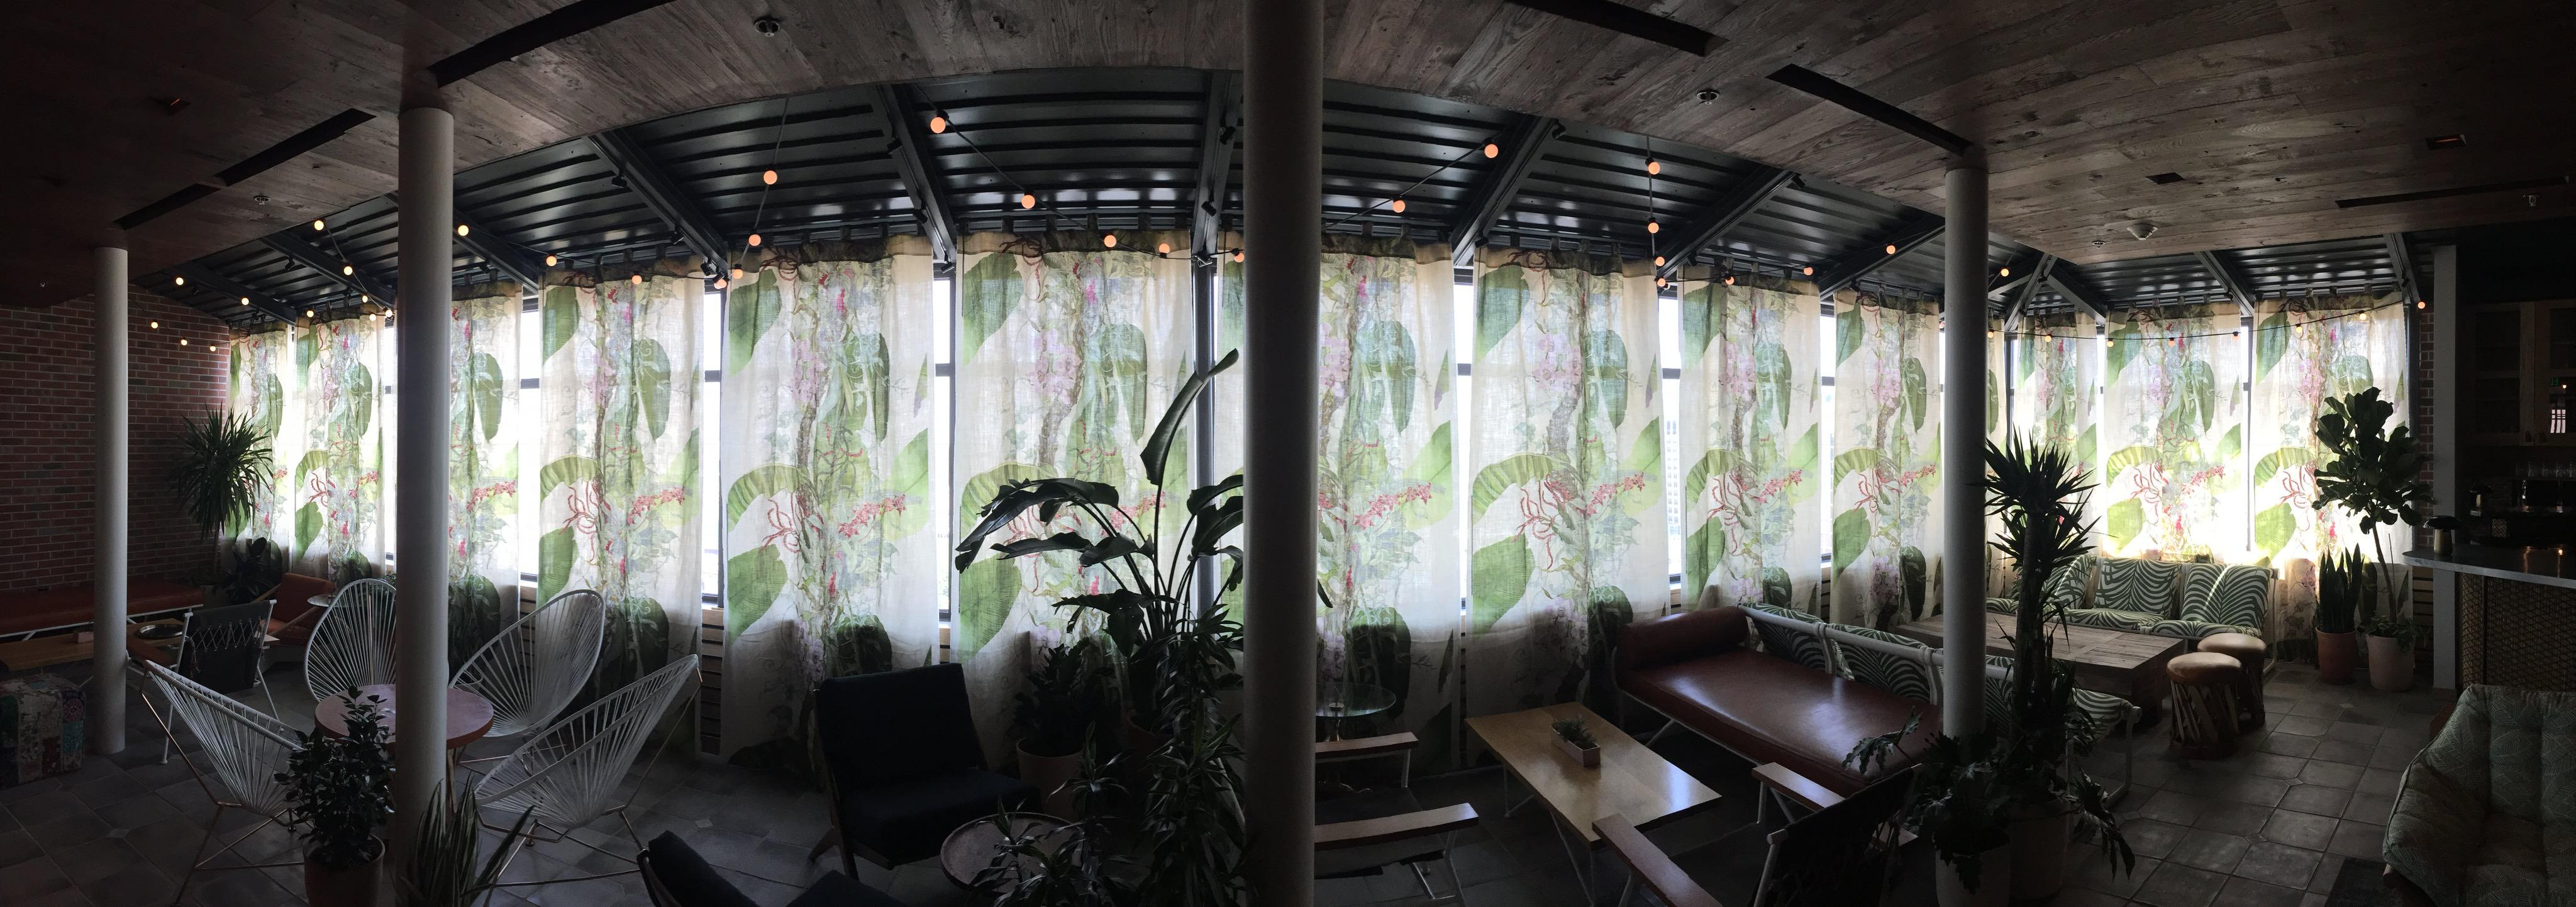 Joie De Vivre Garden Rooftop Bar